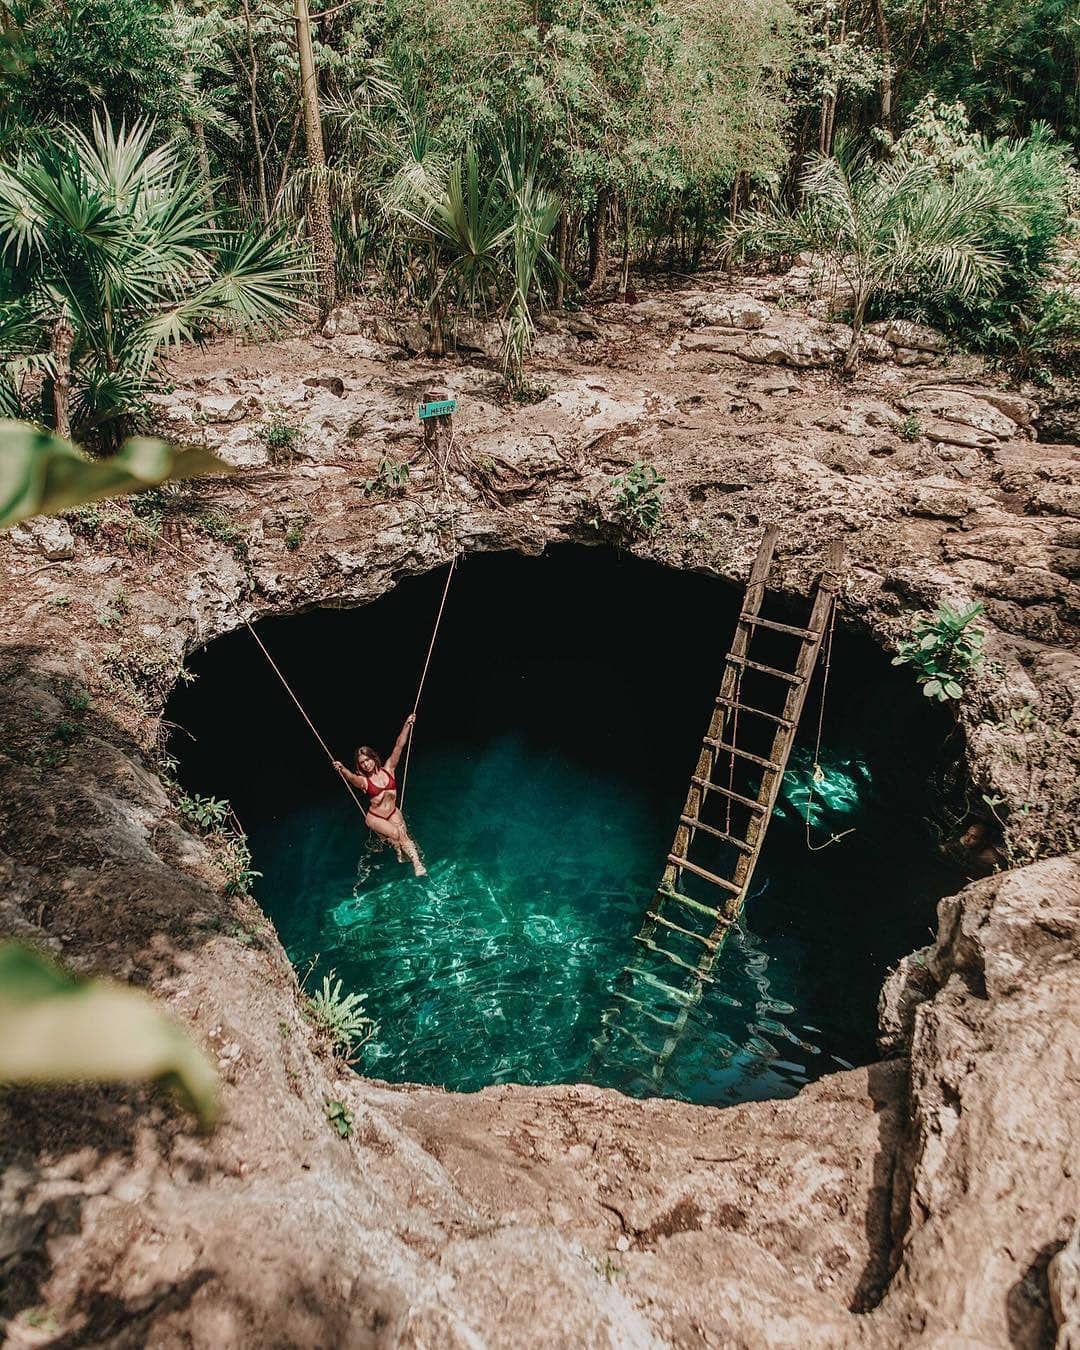 Resultado de imagen para cenote calavera